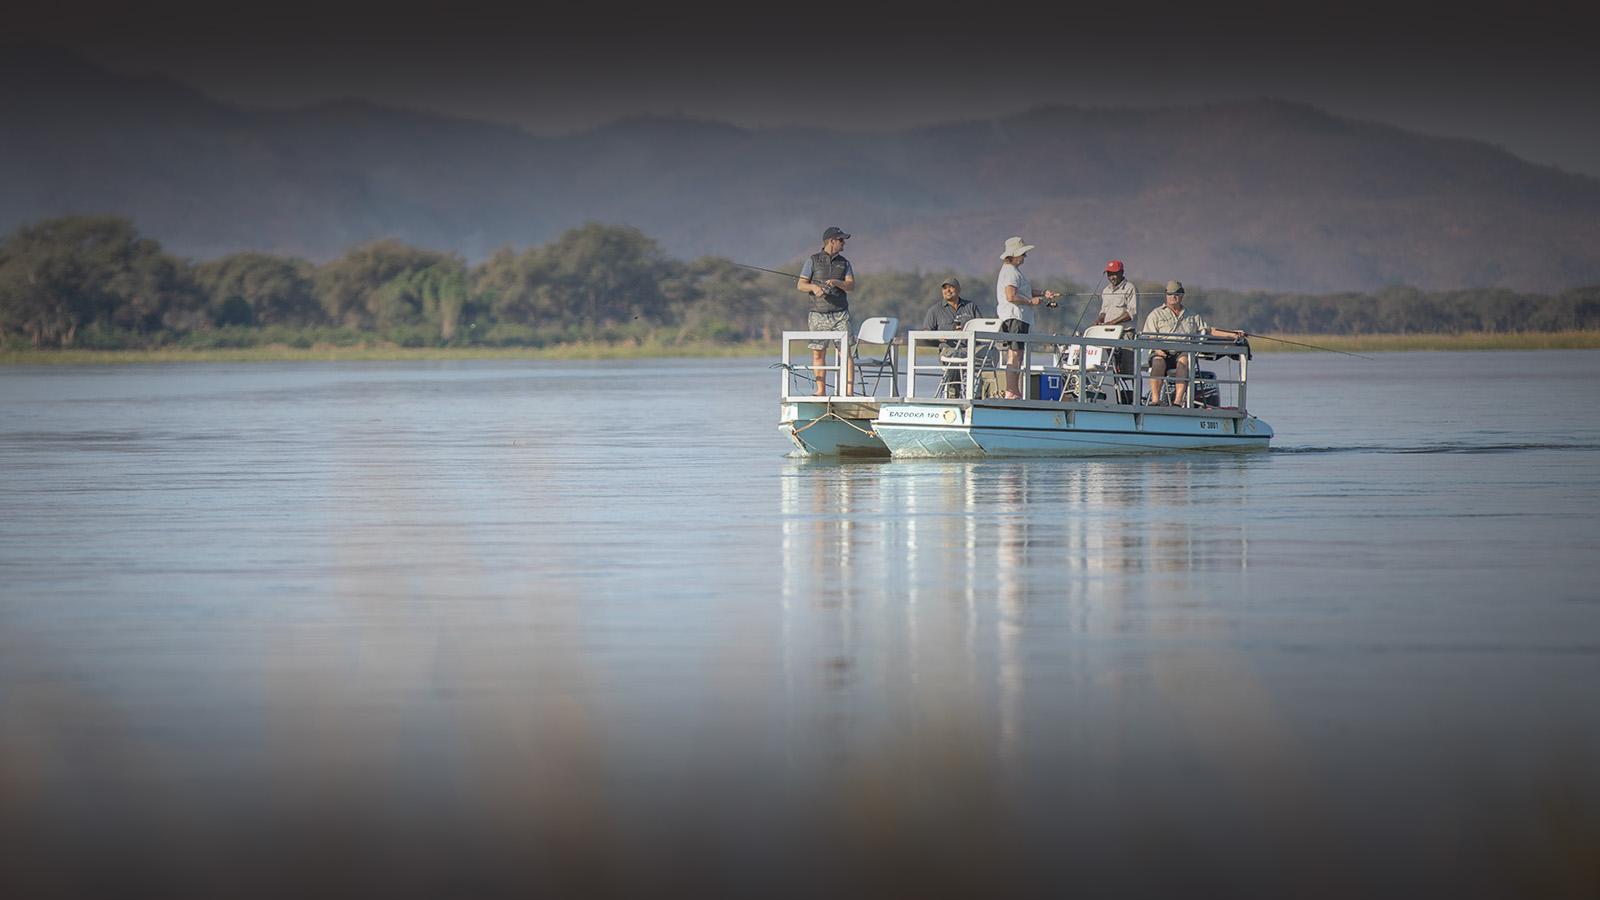 chikwenya camp zimbabwe-lodges-accommodation-zambia-in-style-mana-pools-zambezi-river-wilderness-safaris-sunset-cruise